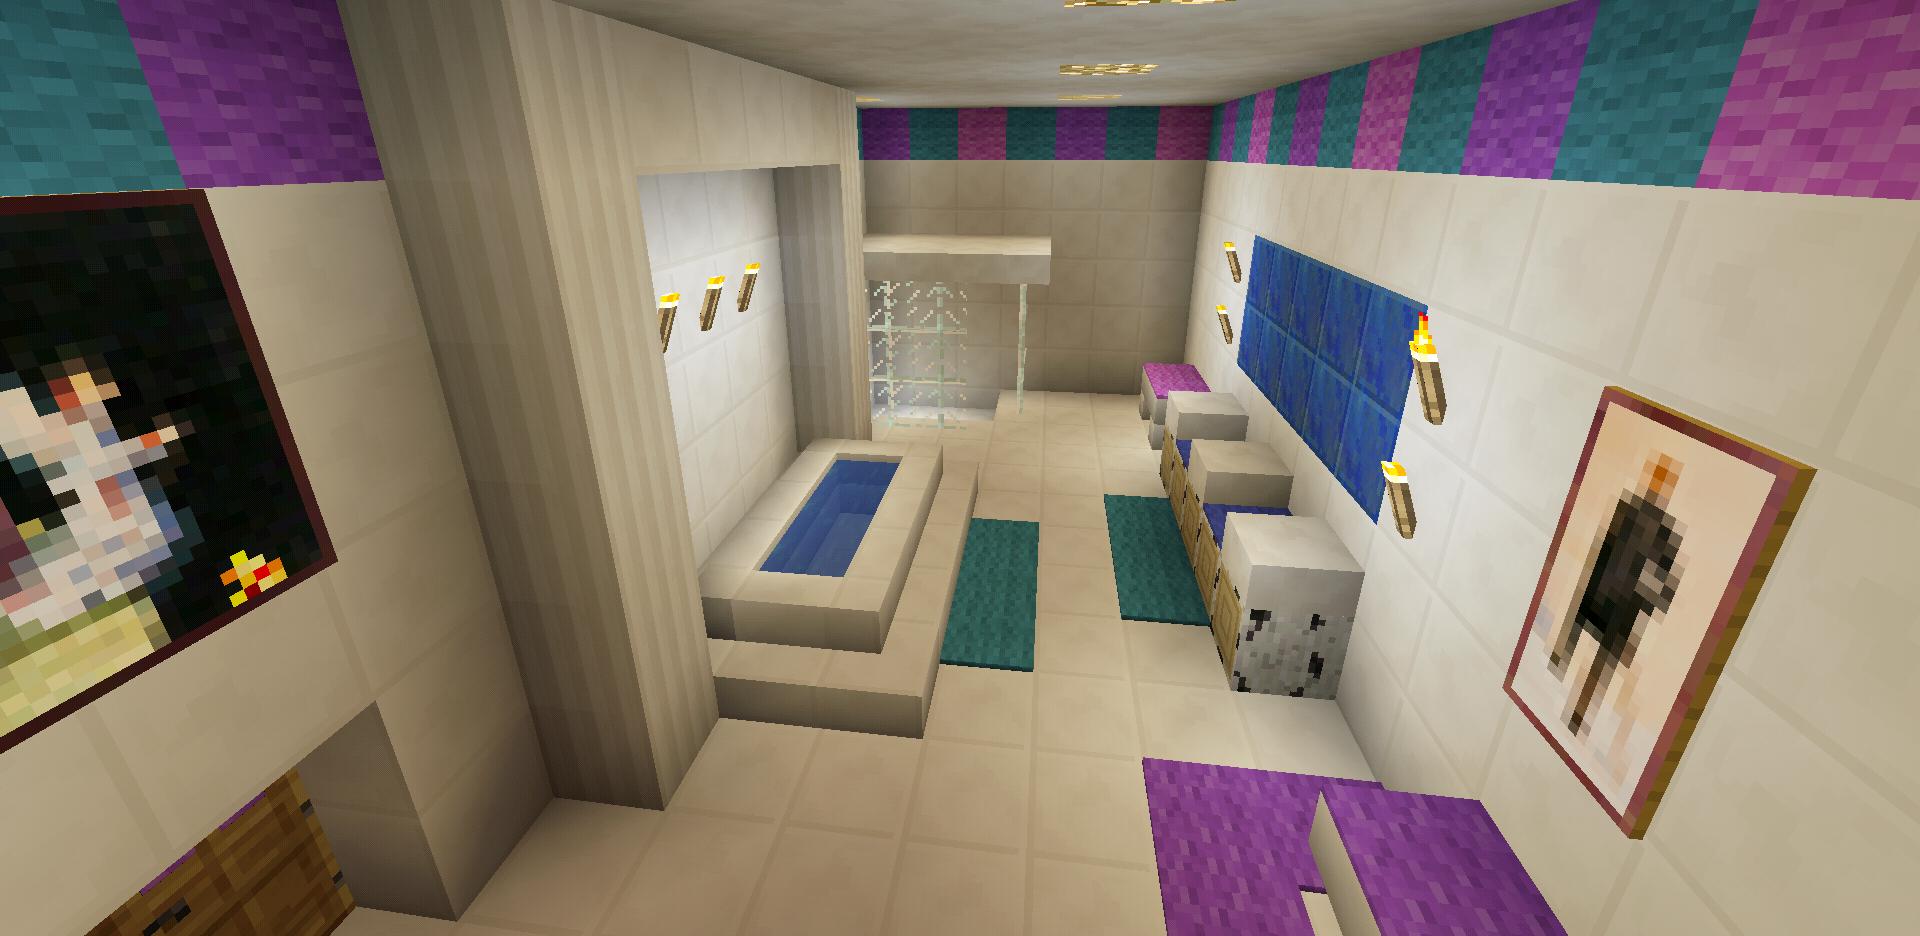 Minecraft Bathroom Designs Best Kitchen Gallery | Rachelxblog ... on interior designs on minecraft, bathroom furniture mod minecraft, library interior design minecraft, tv interior design minecraft, bathroom texture pack minecraft, bathroom floor designs minecraft,